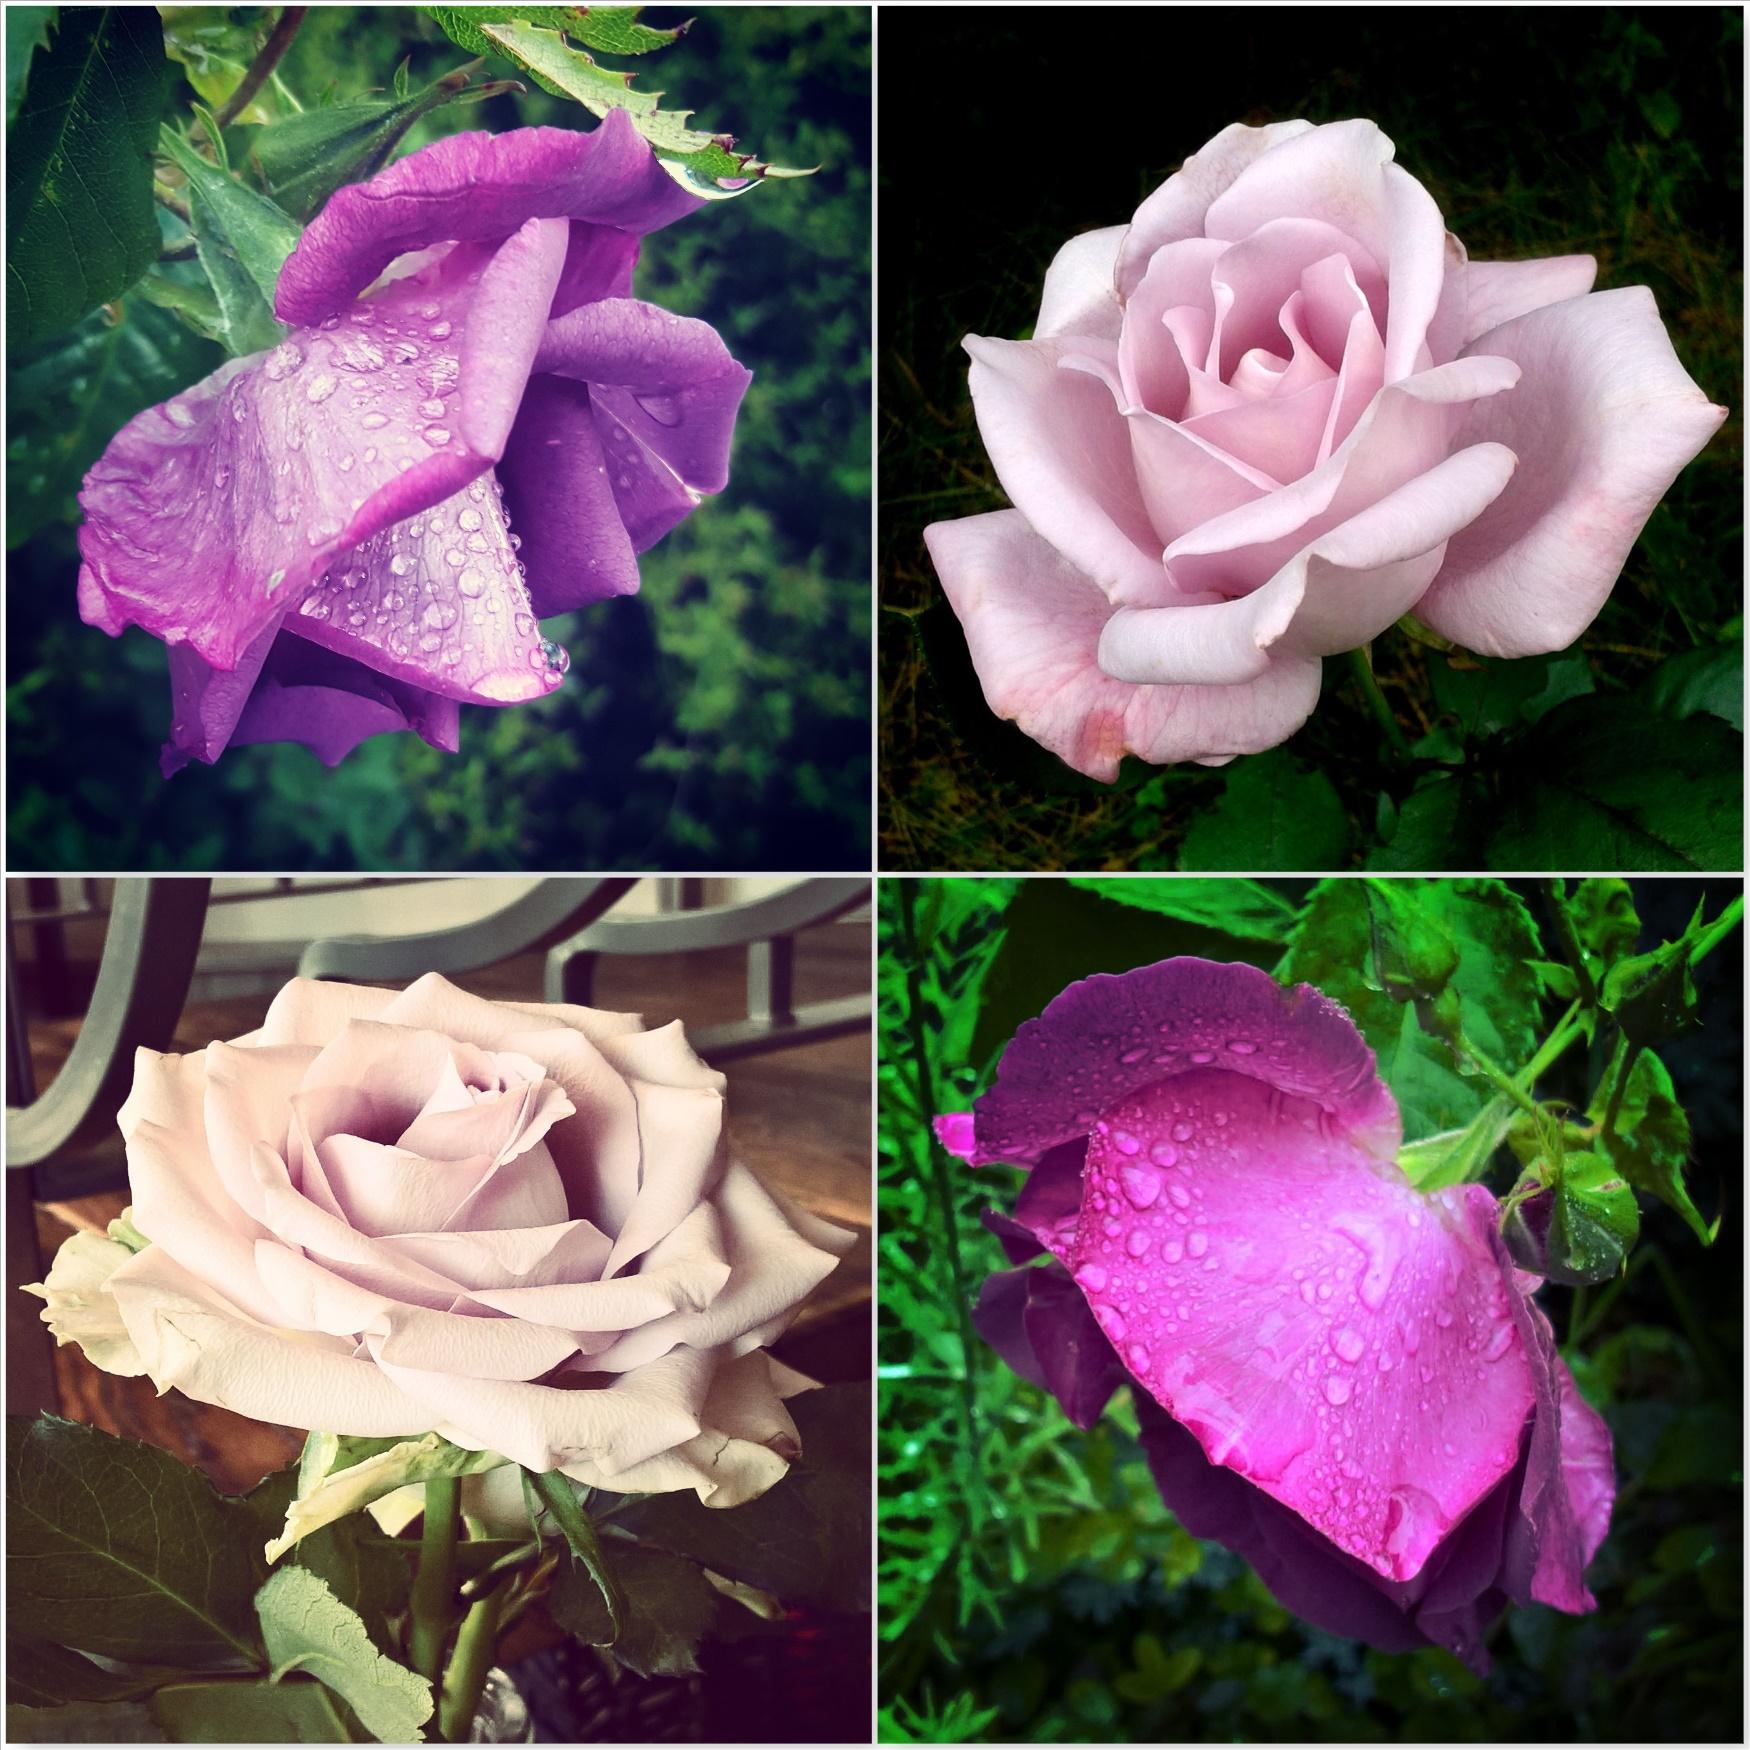 Purple-Roses-The-Last-Krystallos